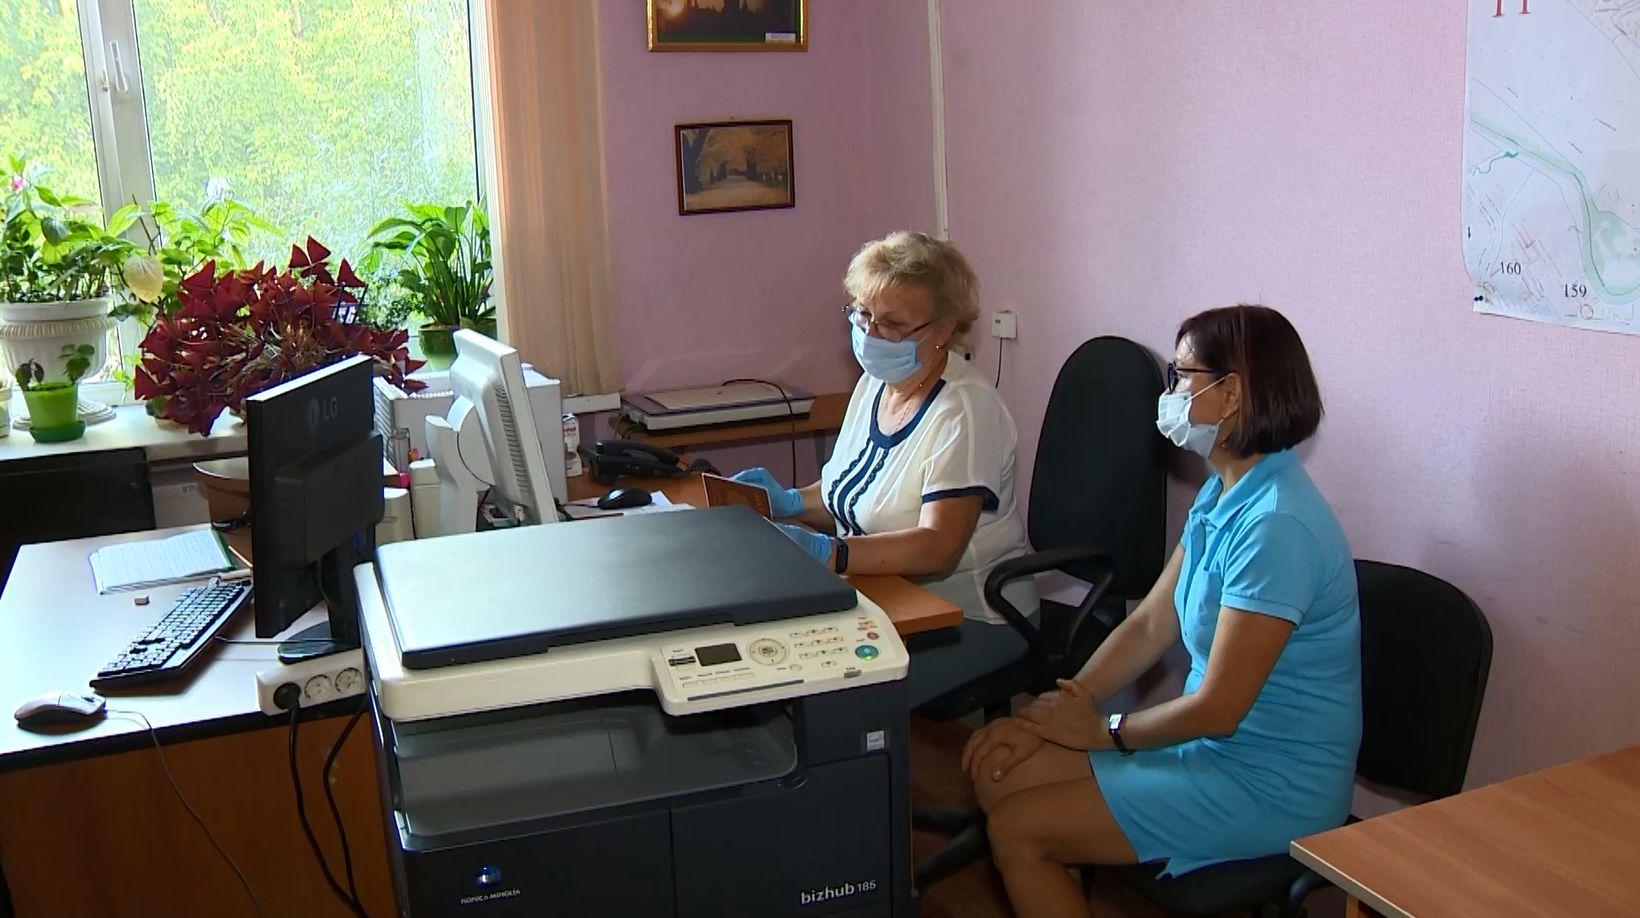 Избирательные участки Ярославской области продолжают принимать заявления от граждан для голосования по месту жительства